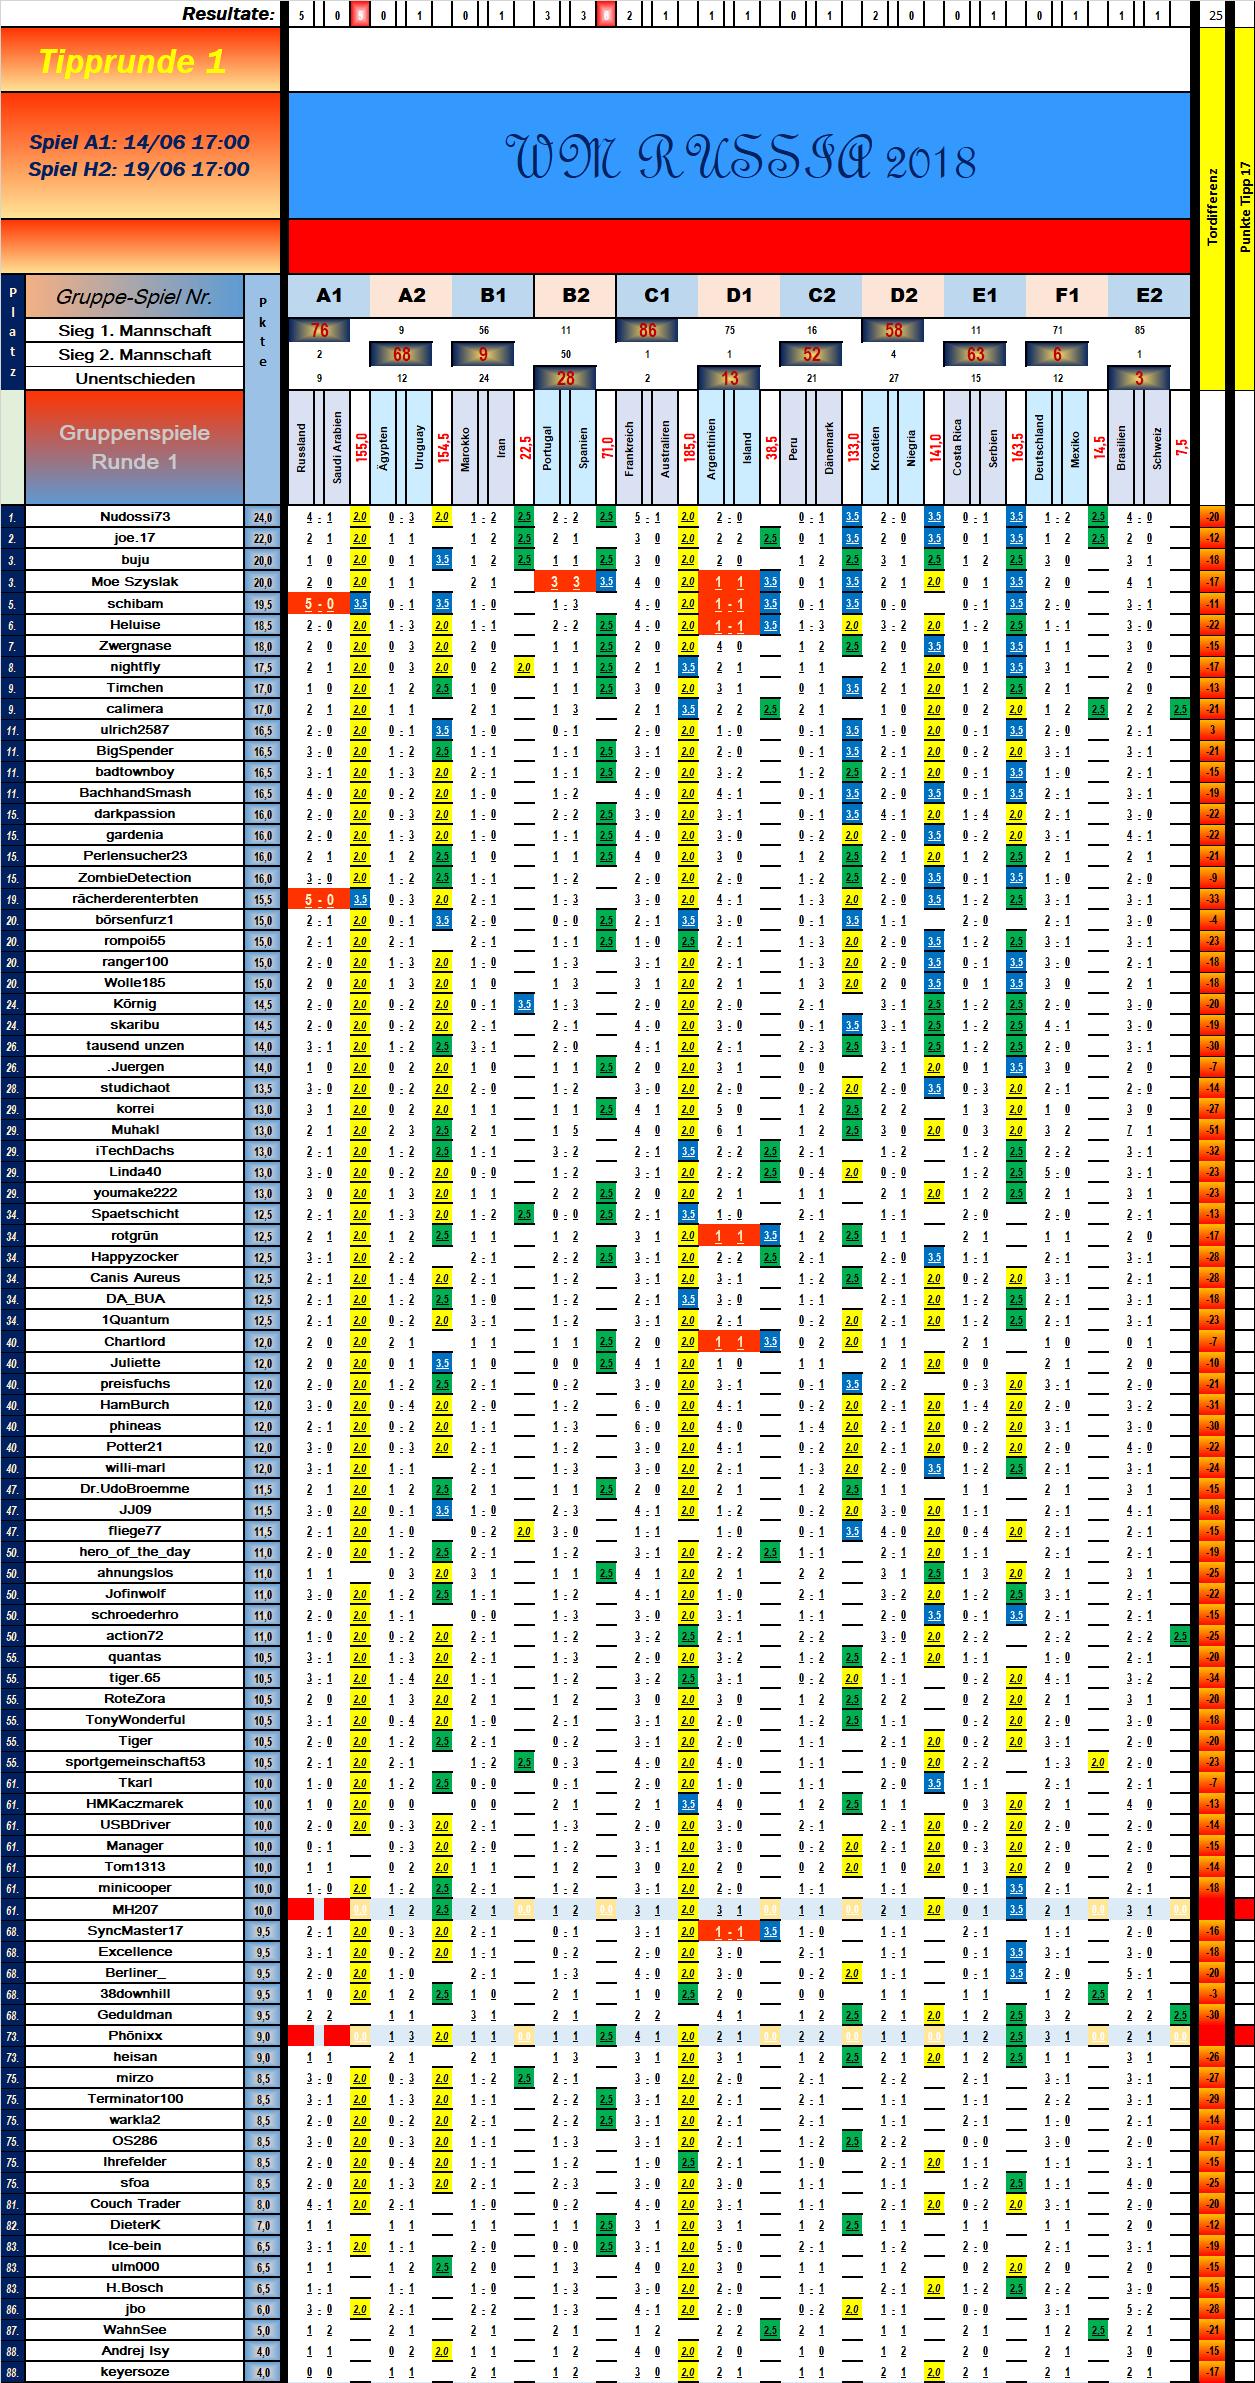 tabelle_vorrunde_1_spiel_11.png